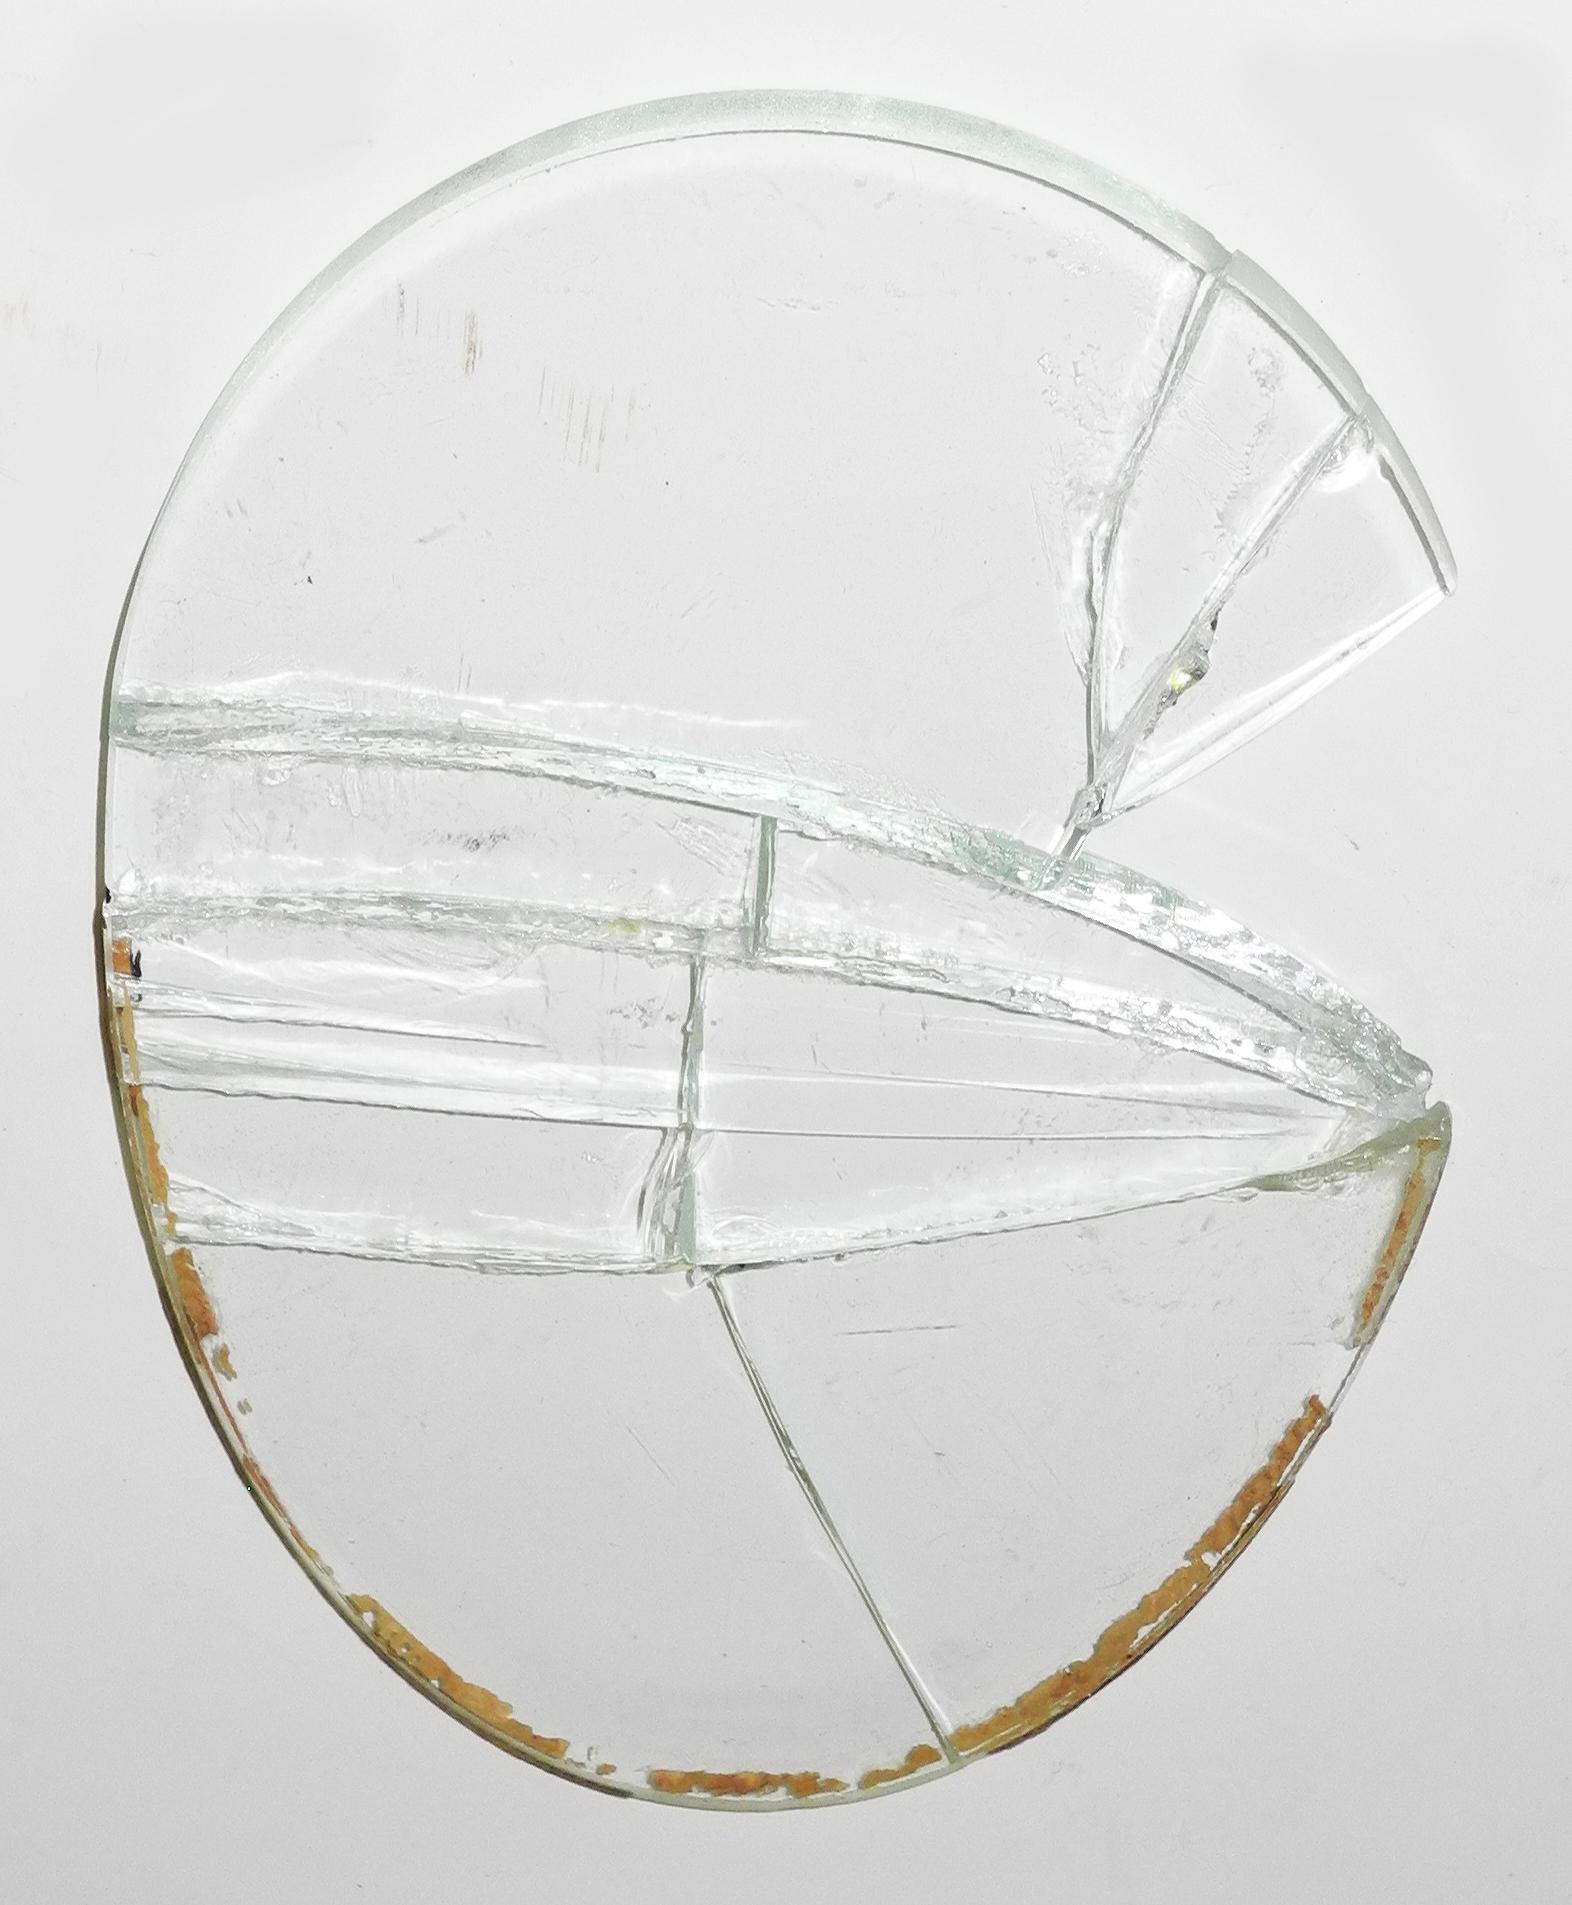 Falkowski gunsight glass